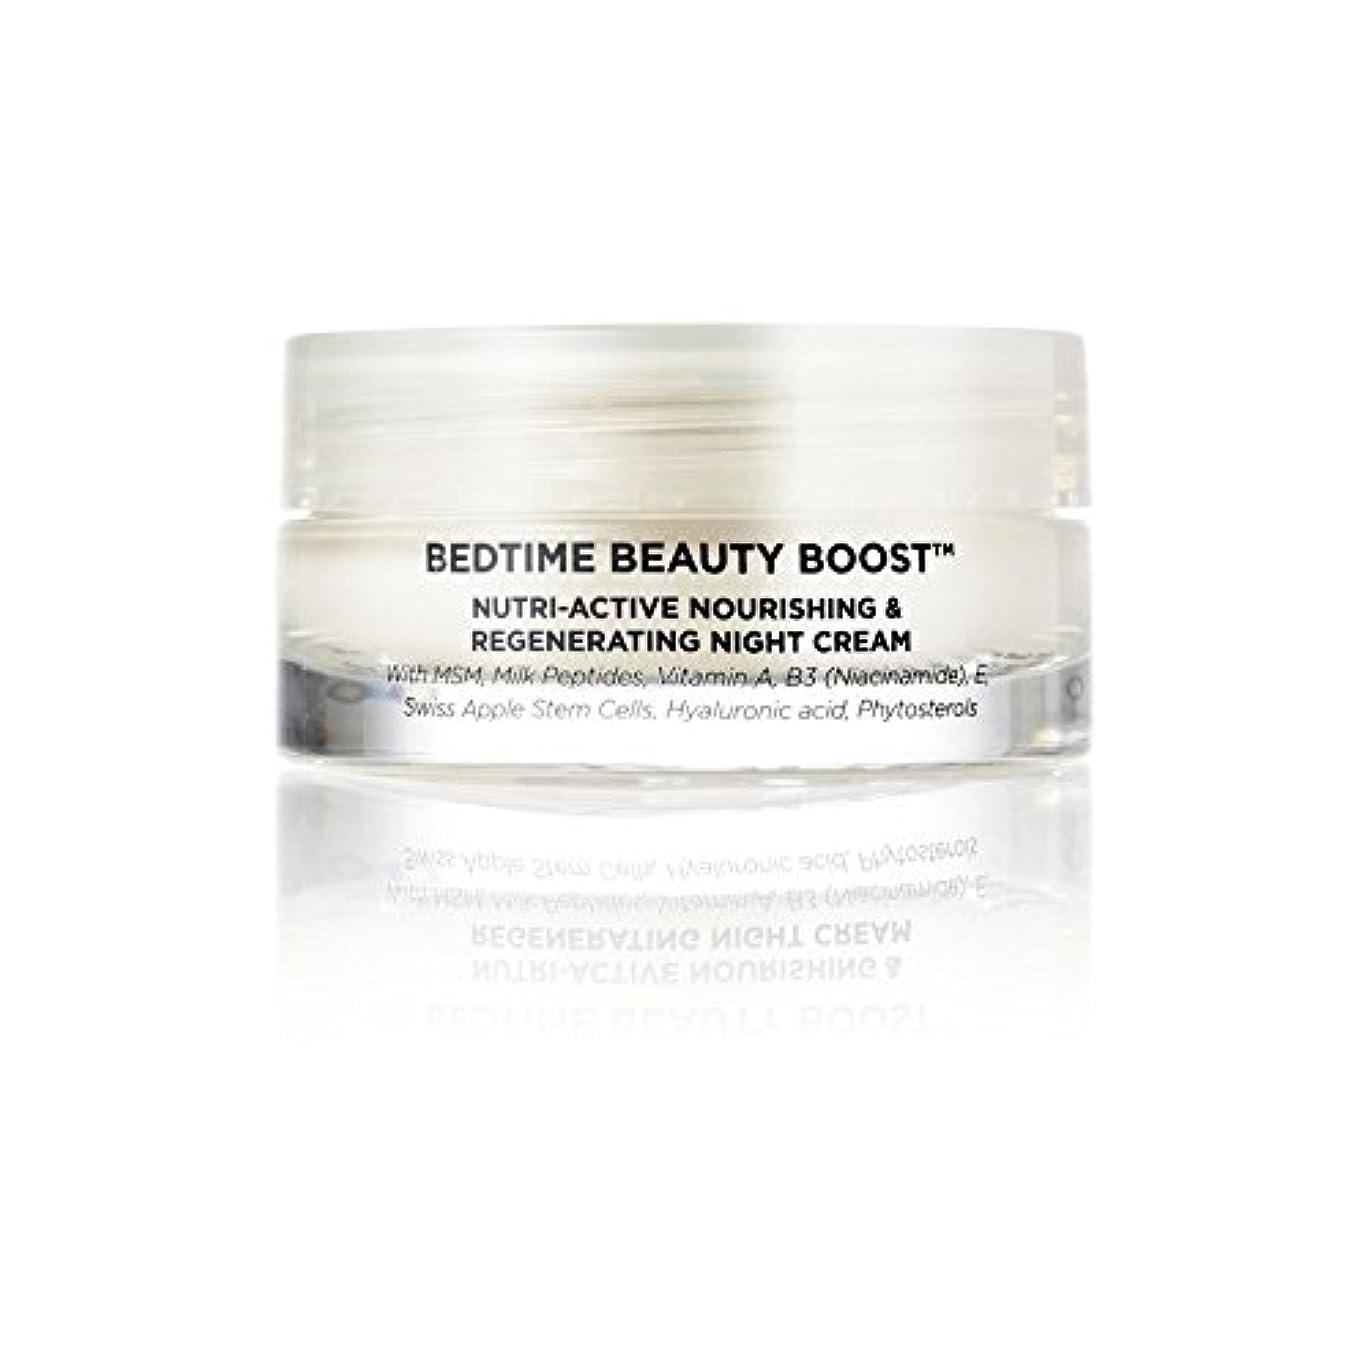 項目弾性一時停止就寝時の美しさブースト(50ミリリットル) x2 - Oskia Bedtime Beauty Boost (50ml) (Pack of 2) [並行輸入品]